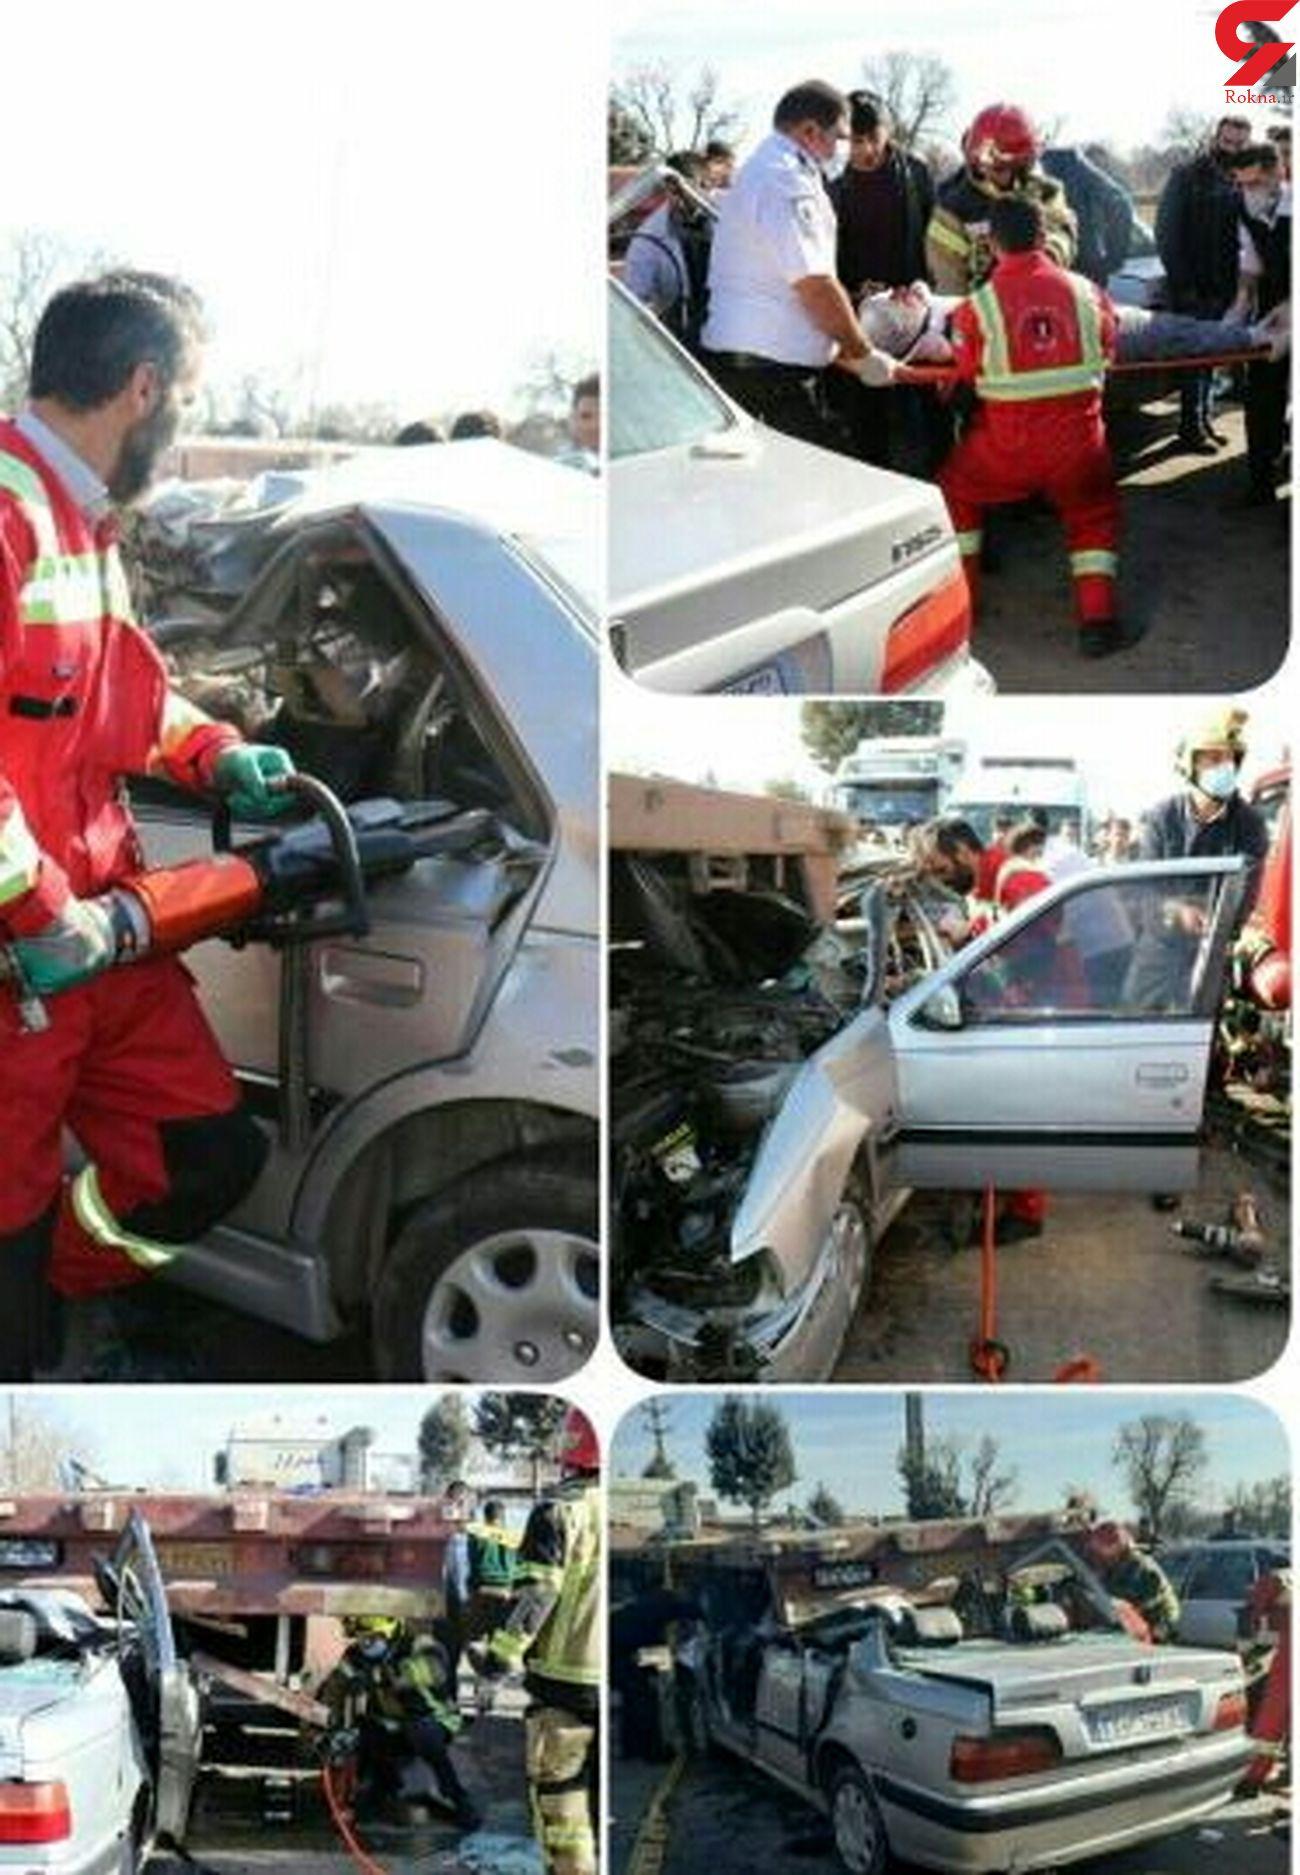 5 عکس از کنده شدن سقف پژو زیر تریلی / راننده در قزوین کشته شد